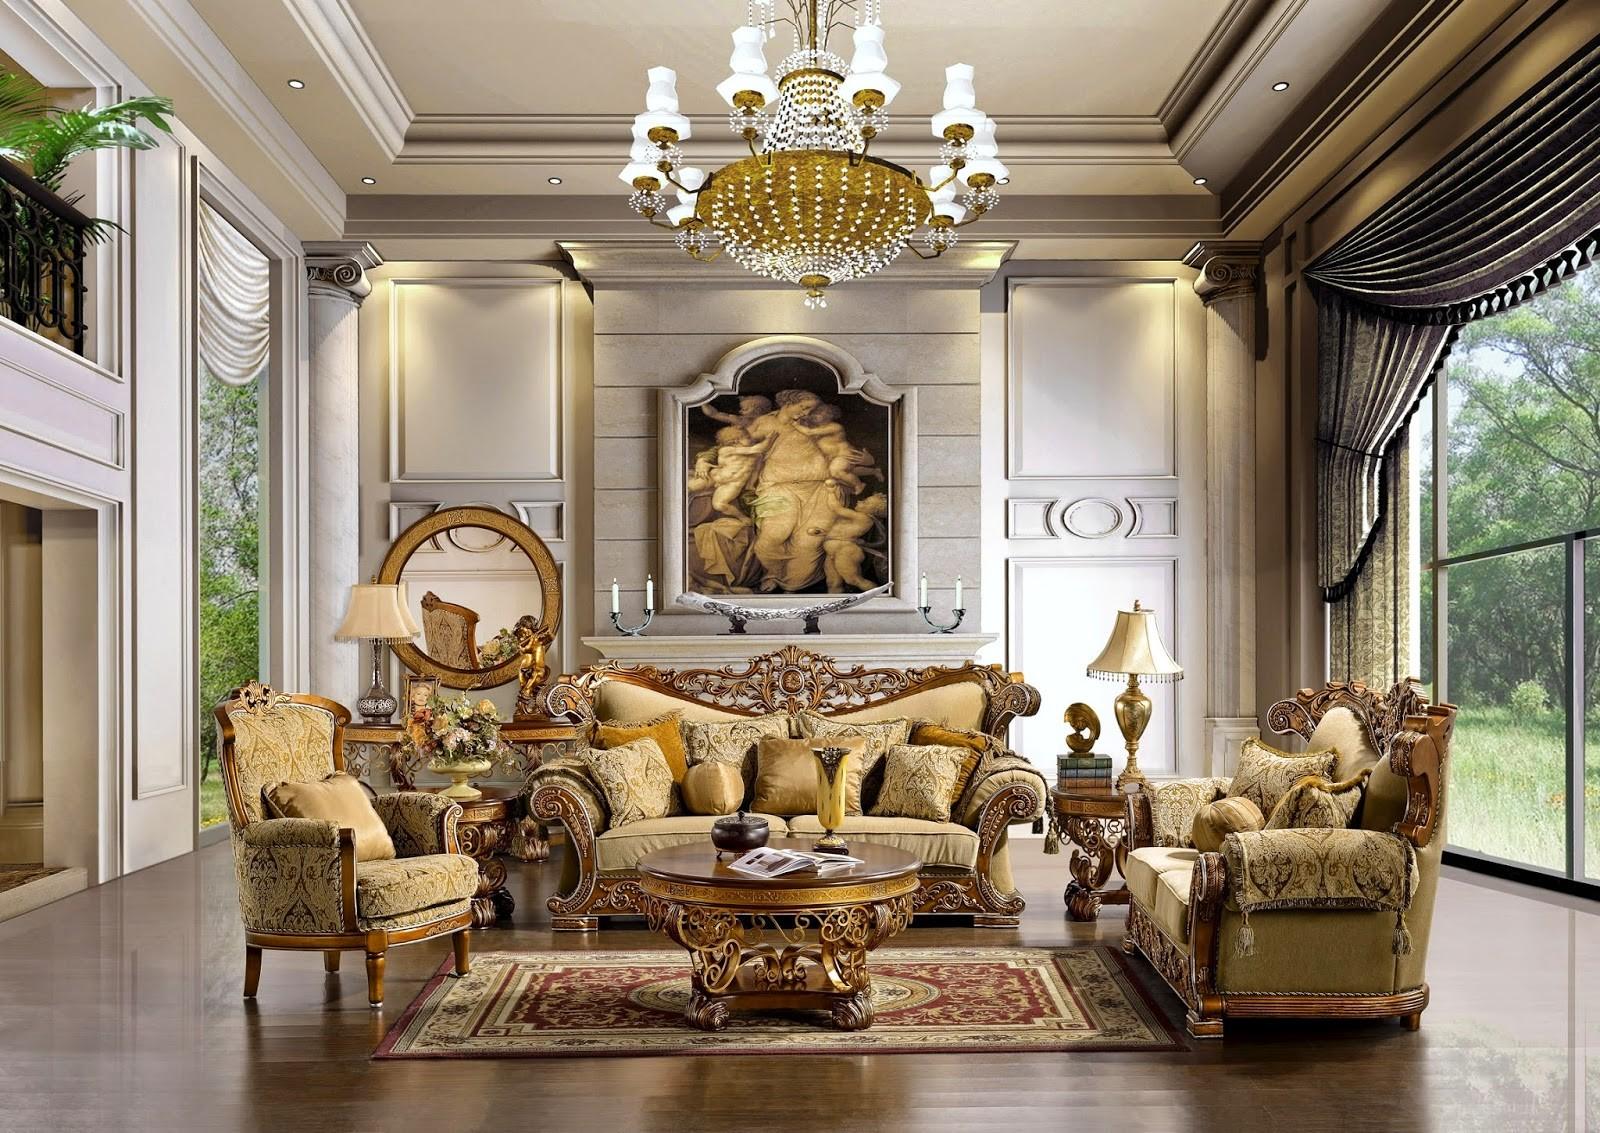 Photo Source: dekoratornia